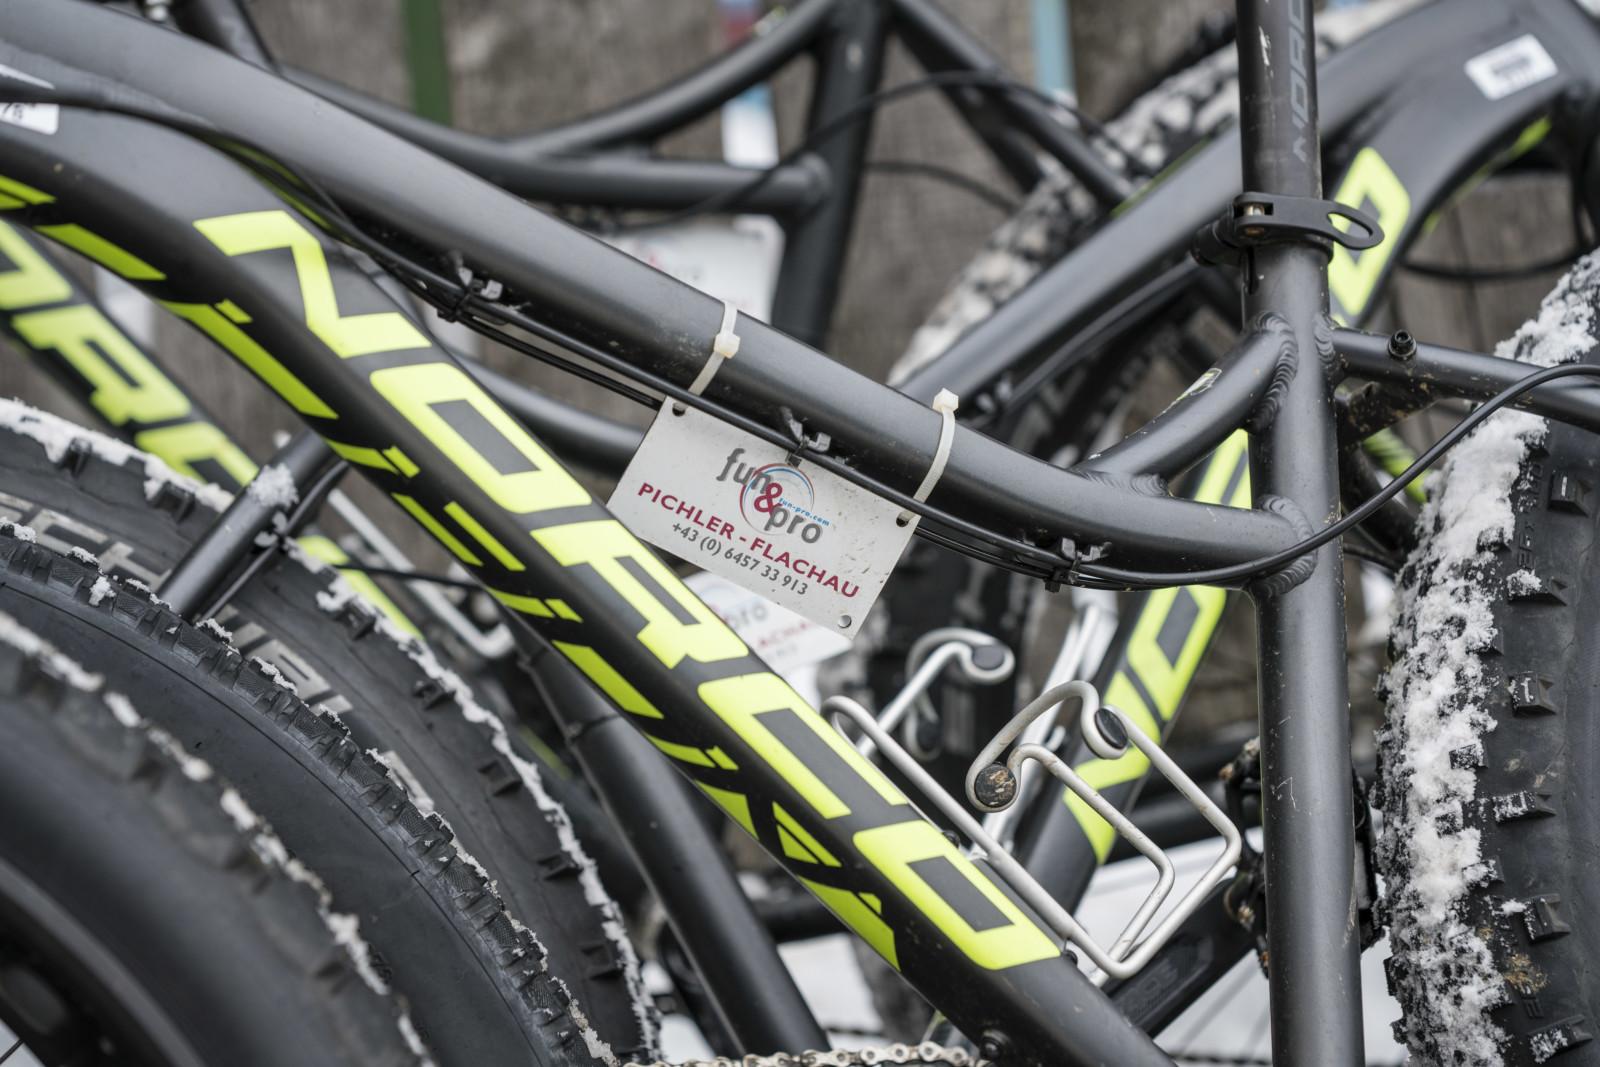 Die Räder sind leichter als sie aussehen. (c) wildbild/Kirchmaier